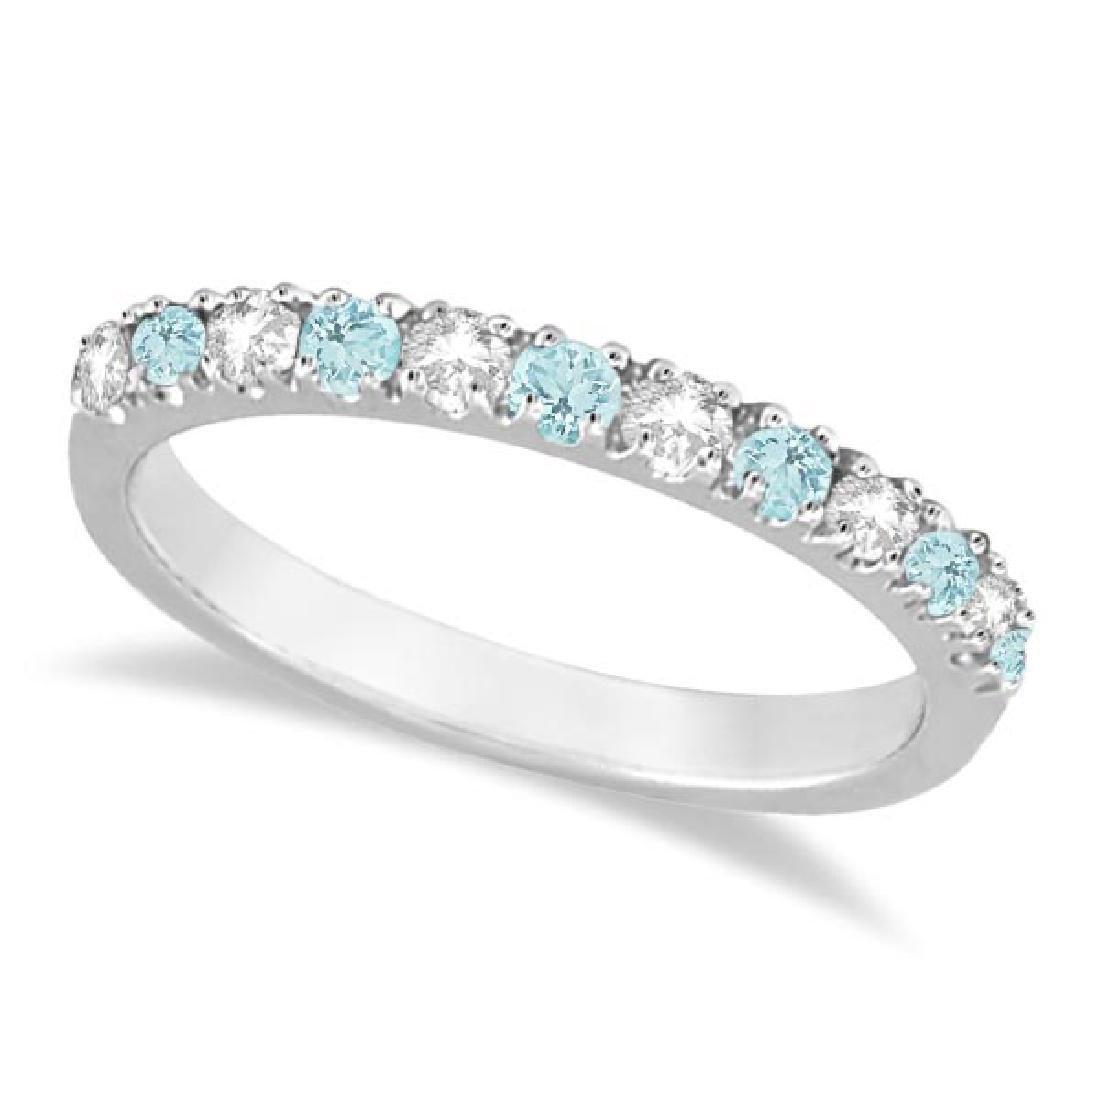 Diamond and Aquamarine Ring Guard Anniversary Band 14k